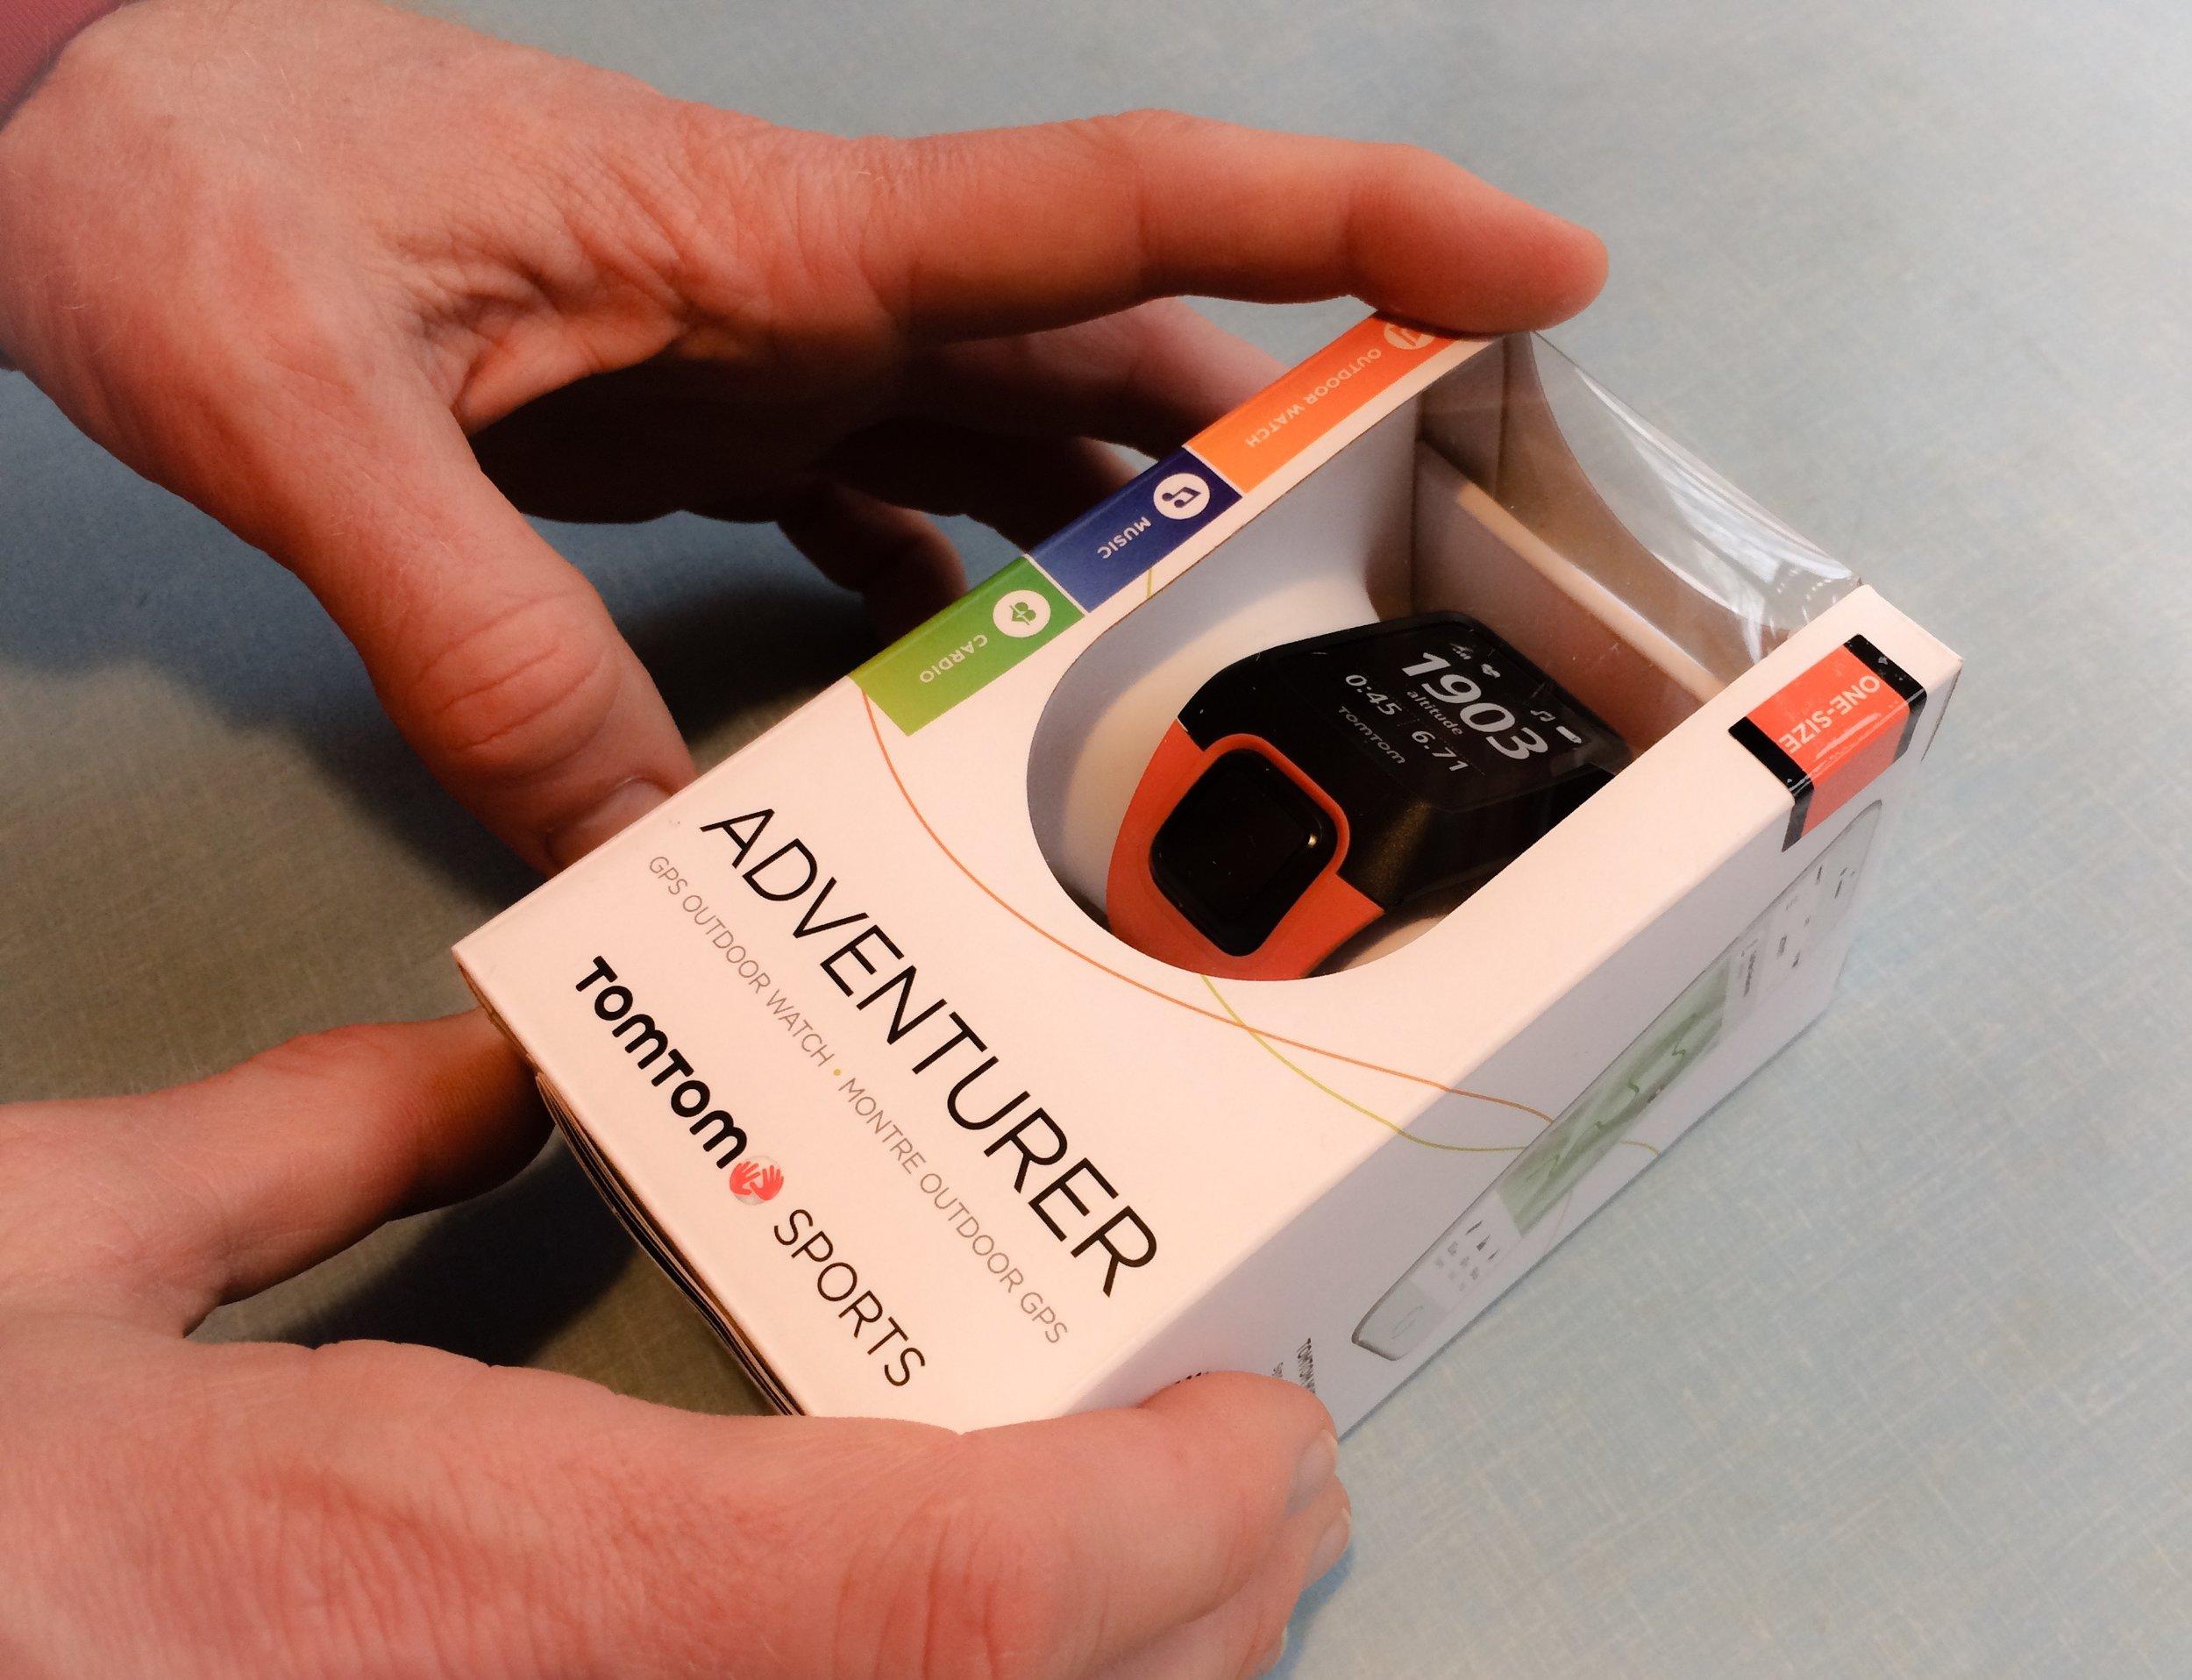 Adventurer. Puls- och GPS-klocka från TomTom. Pulsen mäts direkt på handleden.